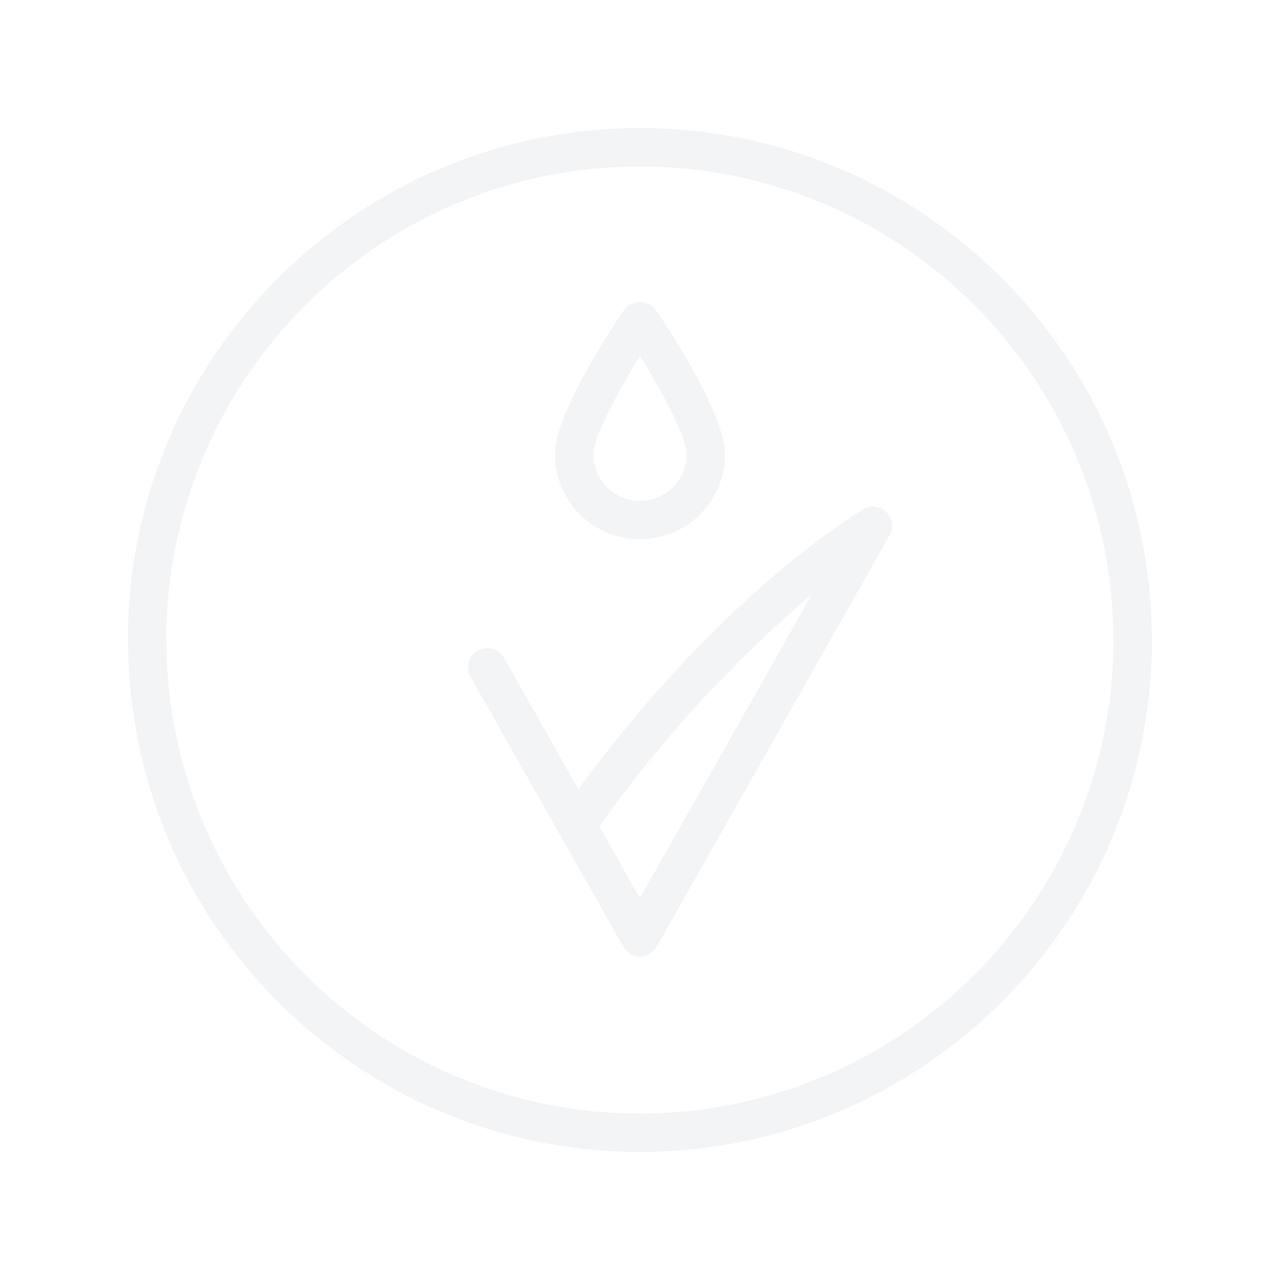 PALMER'S Coconut Oil Lip Balm 4g